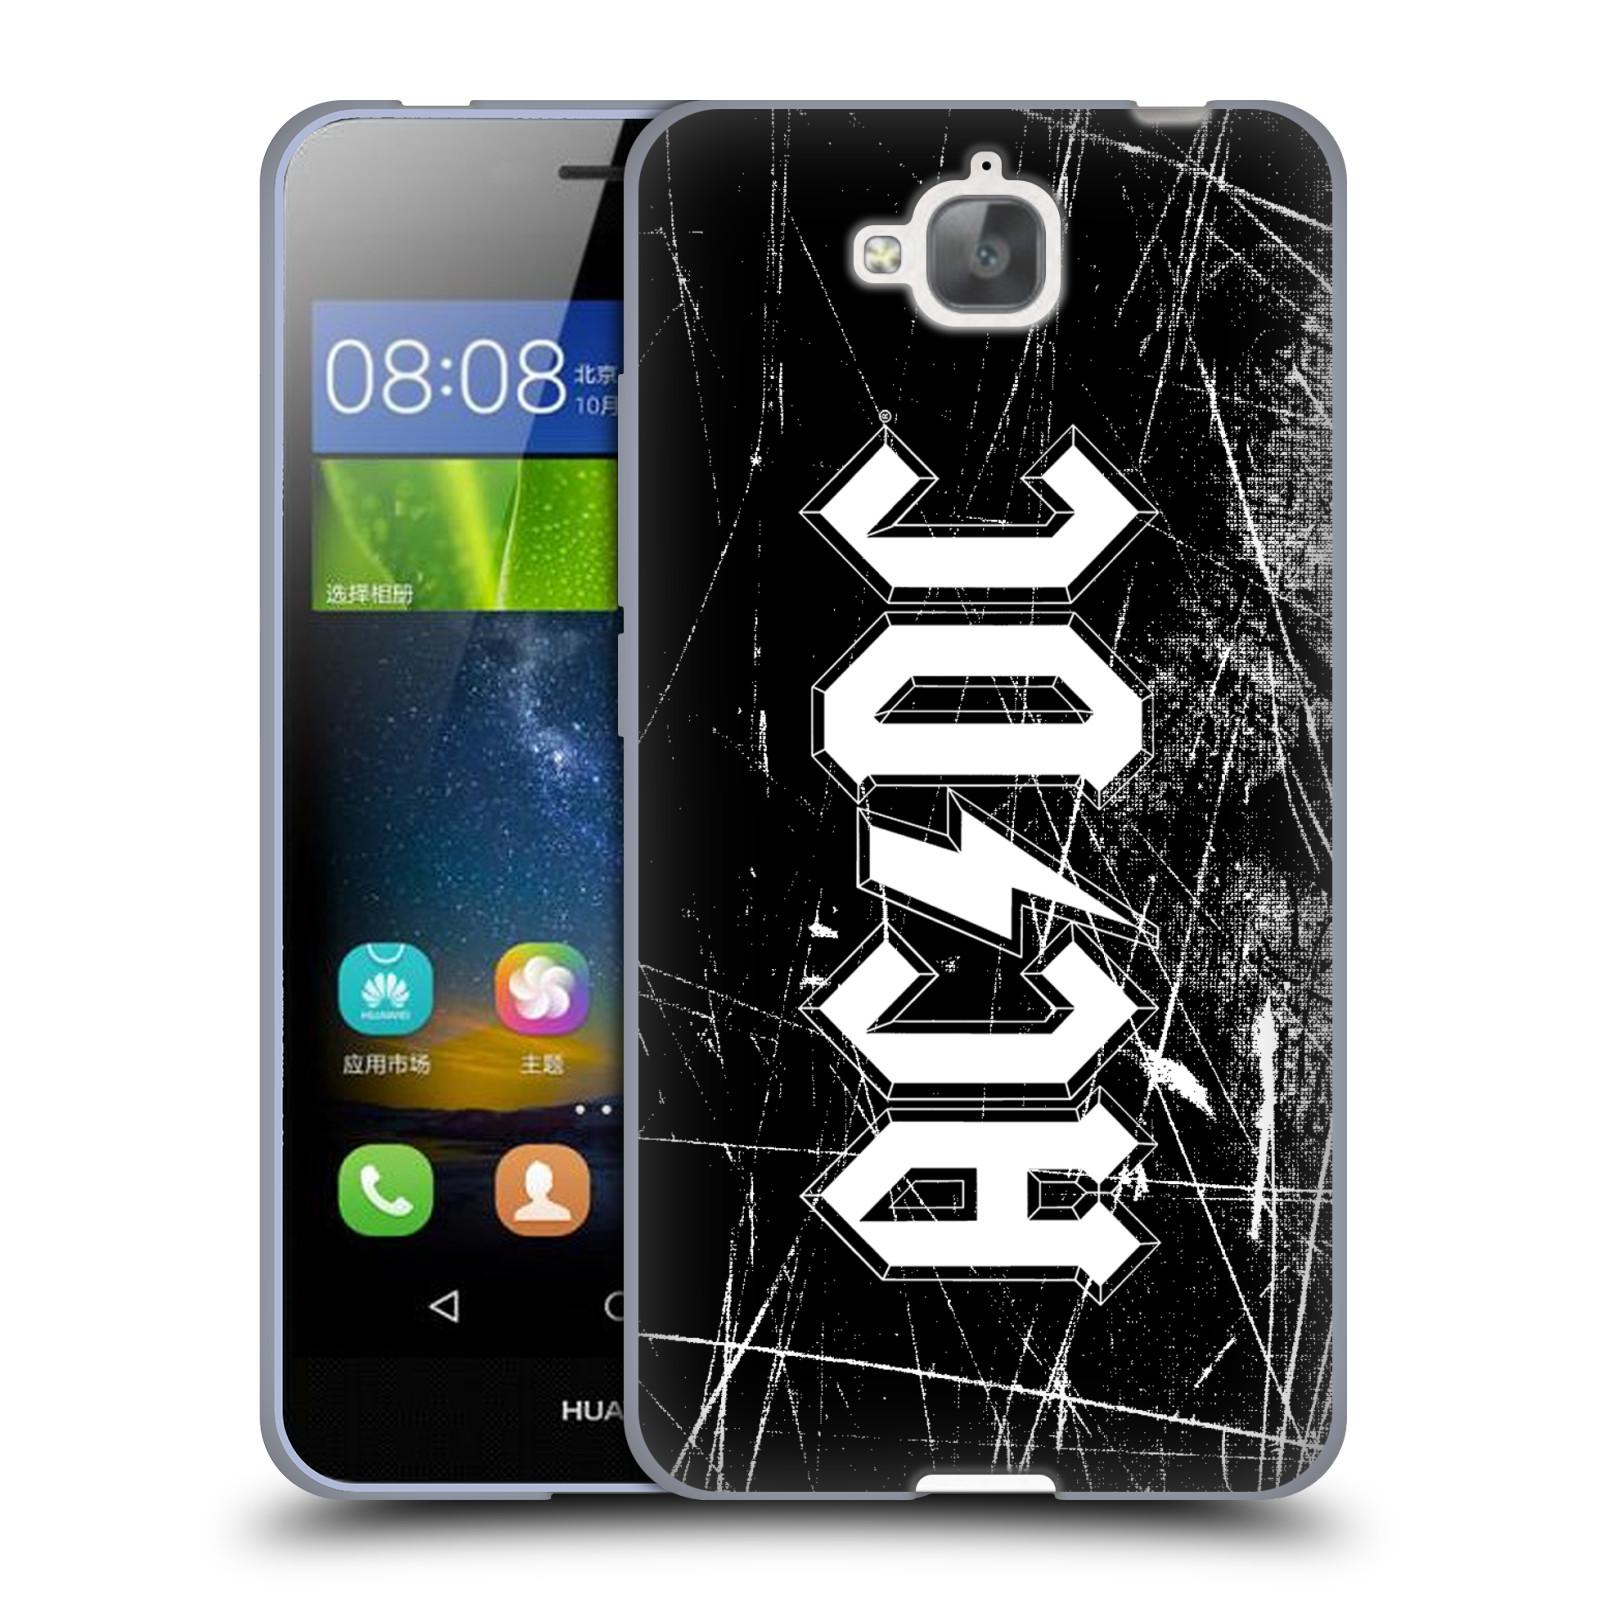 Silikonové pouzdro na mobil Huawei Y6 Pro Dual Sim HEAD CASE AC/DC Černobílé logo